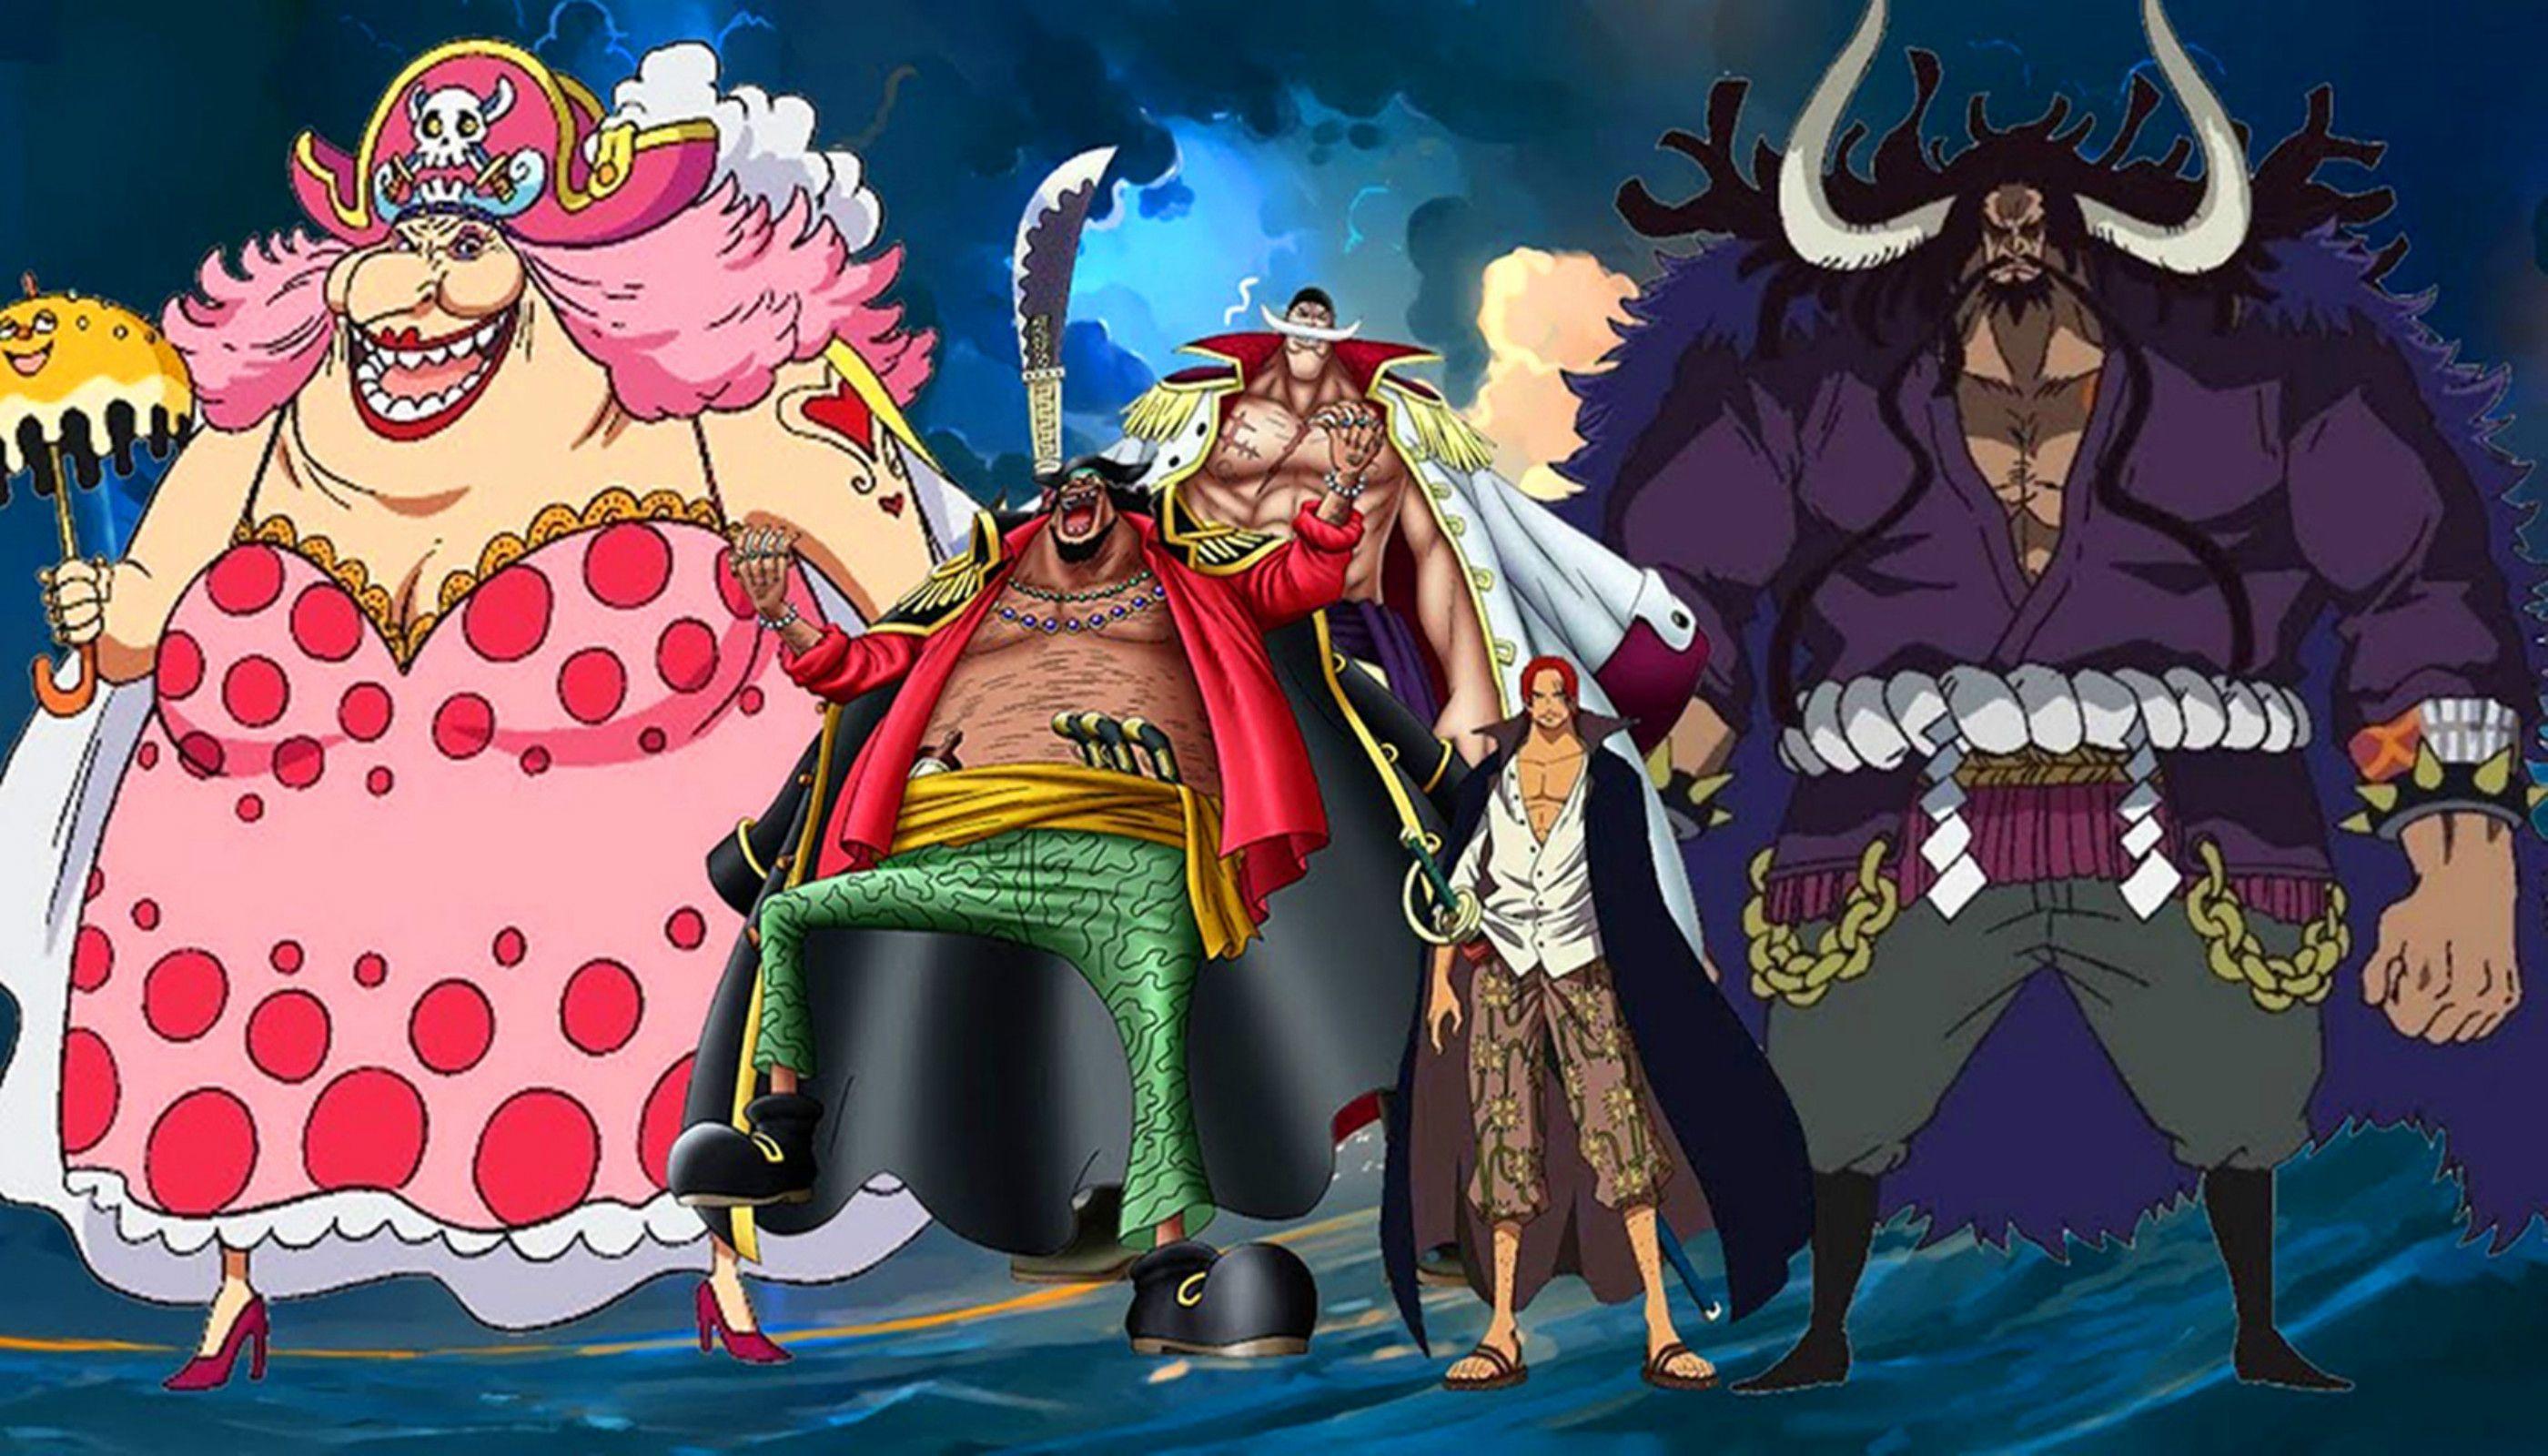 海贼王:五个最强的四皇二把手,海军大将都不敢轻举妄动